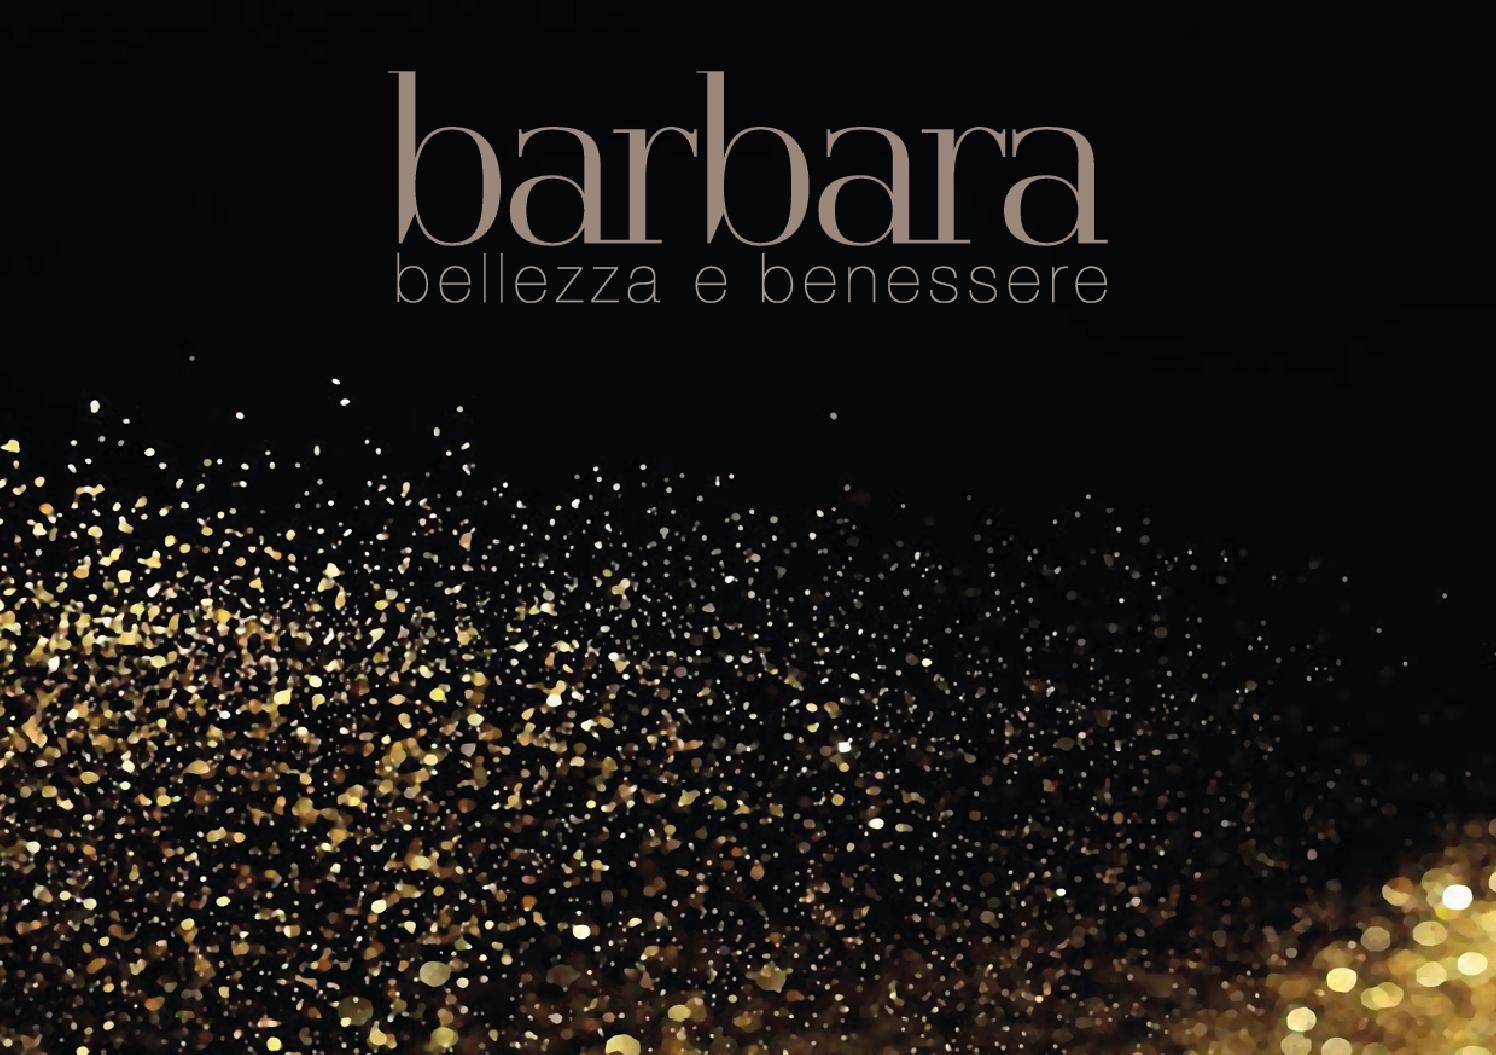 Barbara Bellezza Benessere Rimini By Audio Tre S R L Issuu